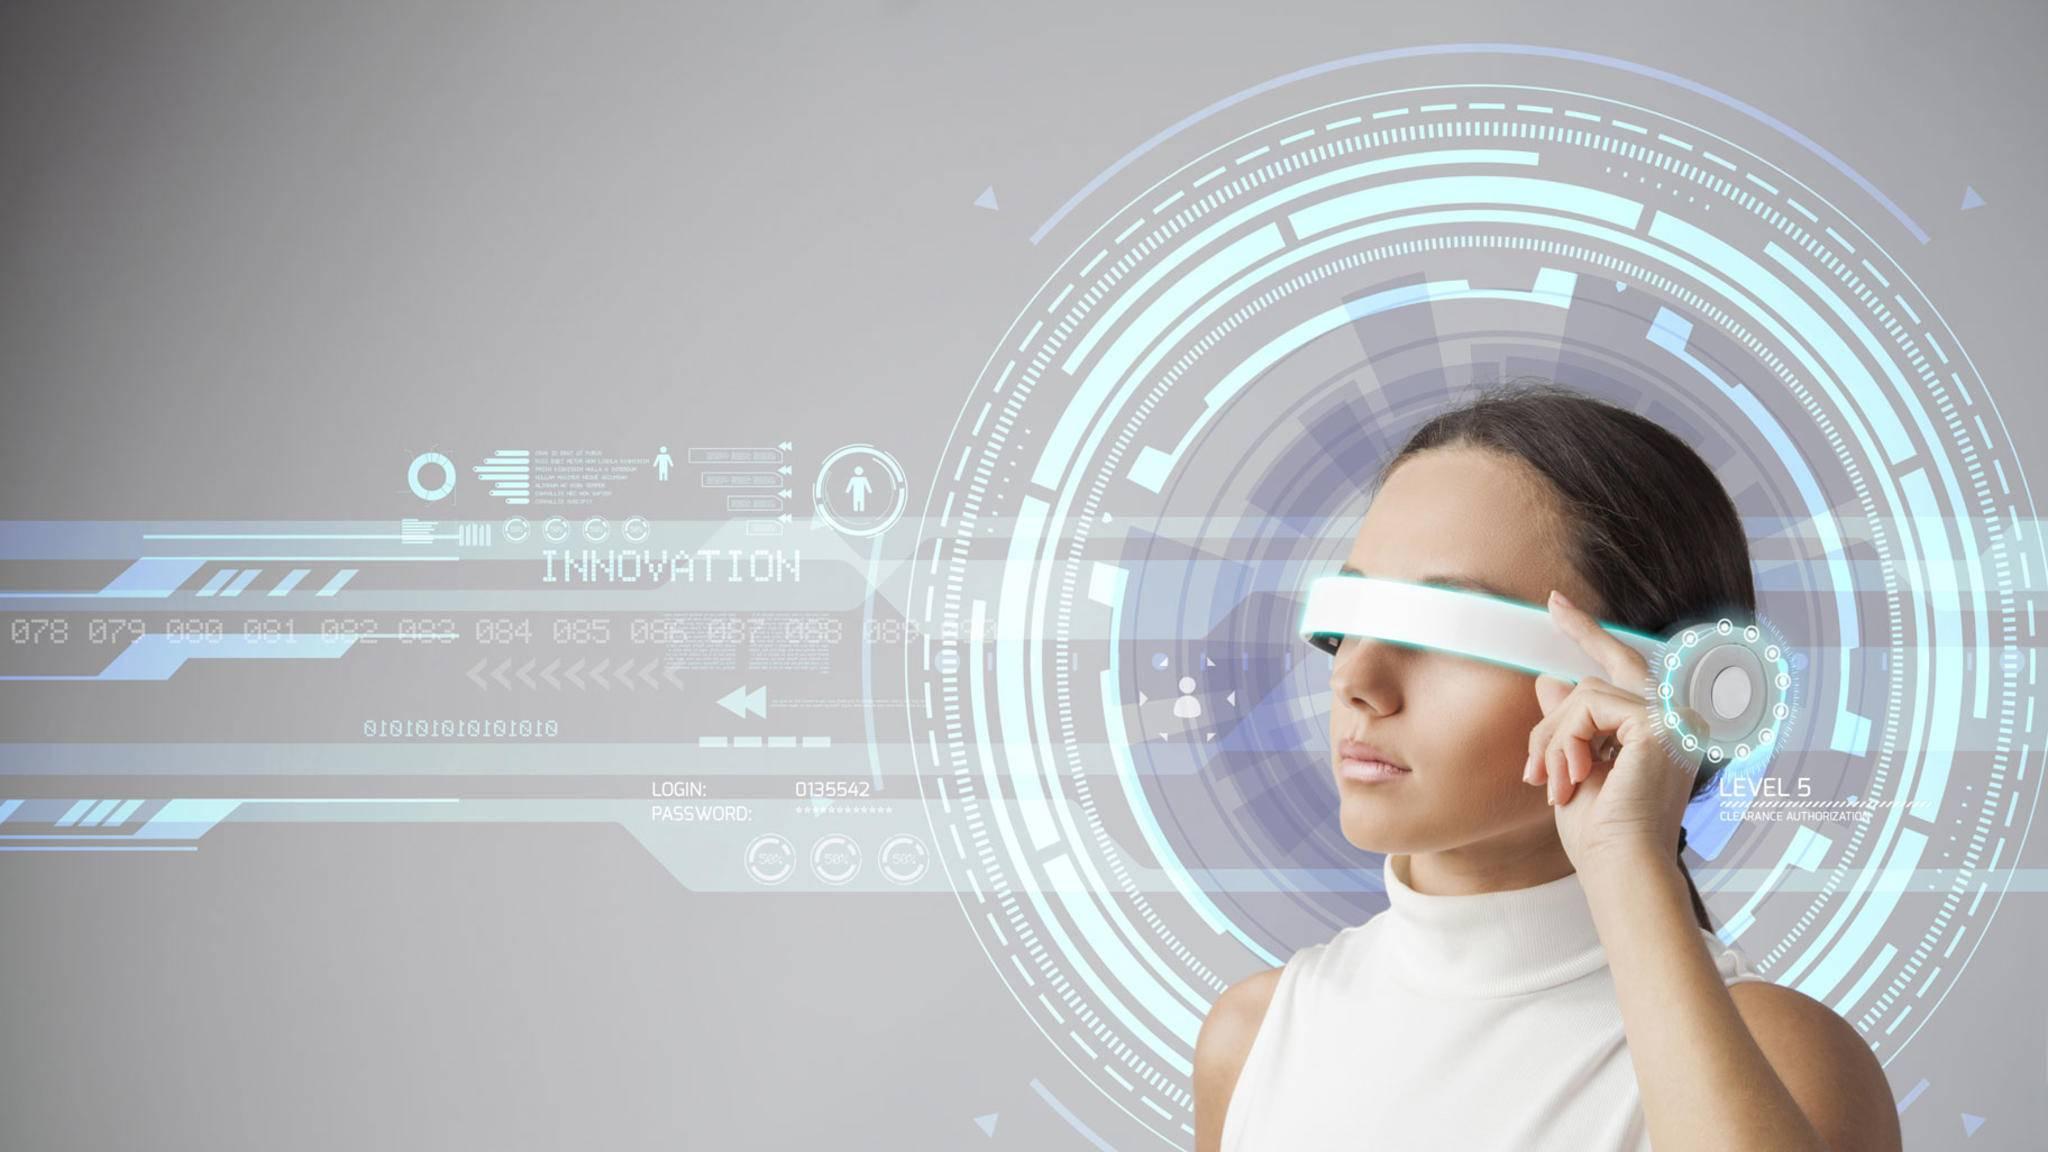 2020 soll der Traum von einer Apple-AR-Brille endlich wahr werden.